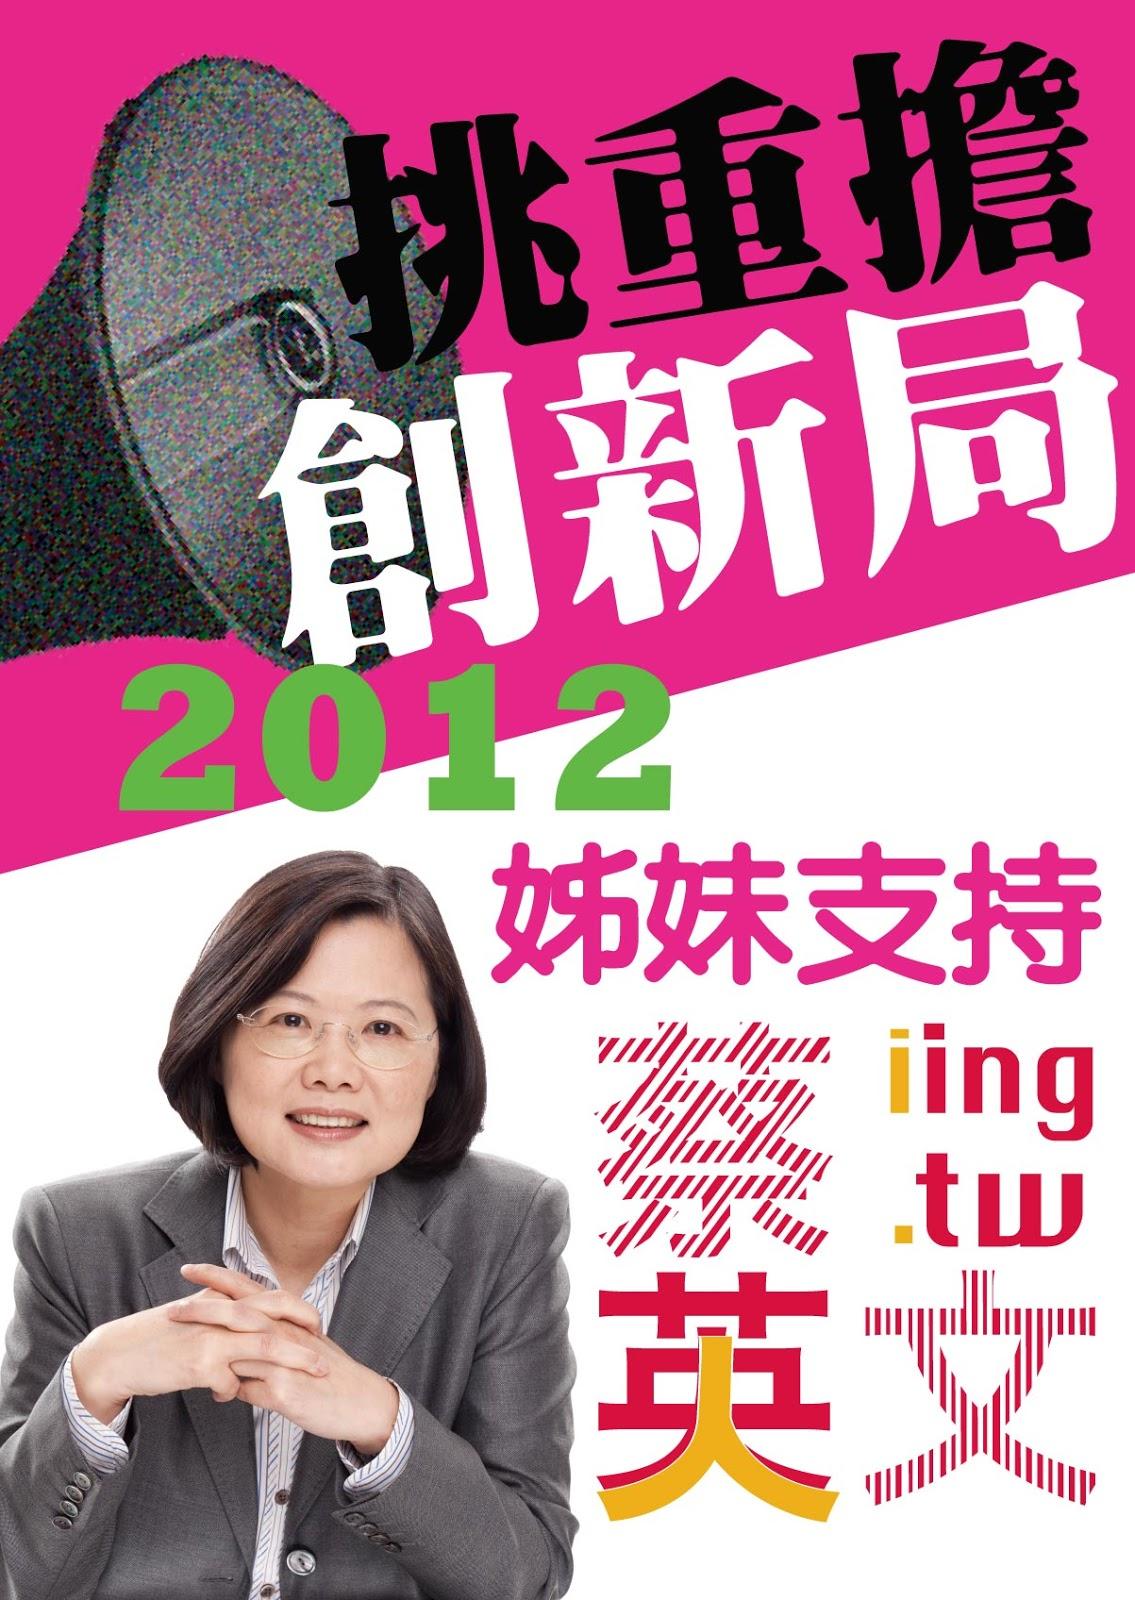 臺北水噹噹姊妹聯盟: 姊姊妹妹支持蔡英文